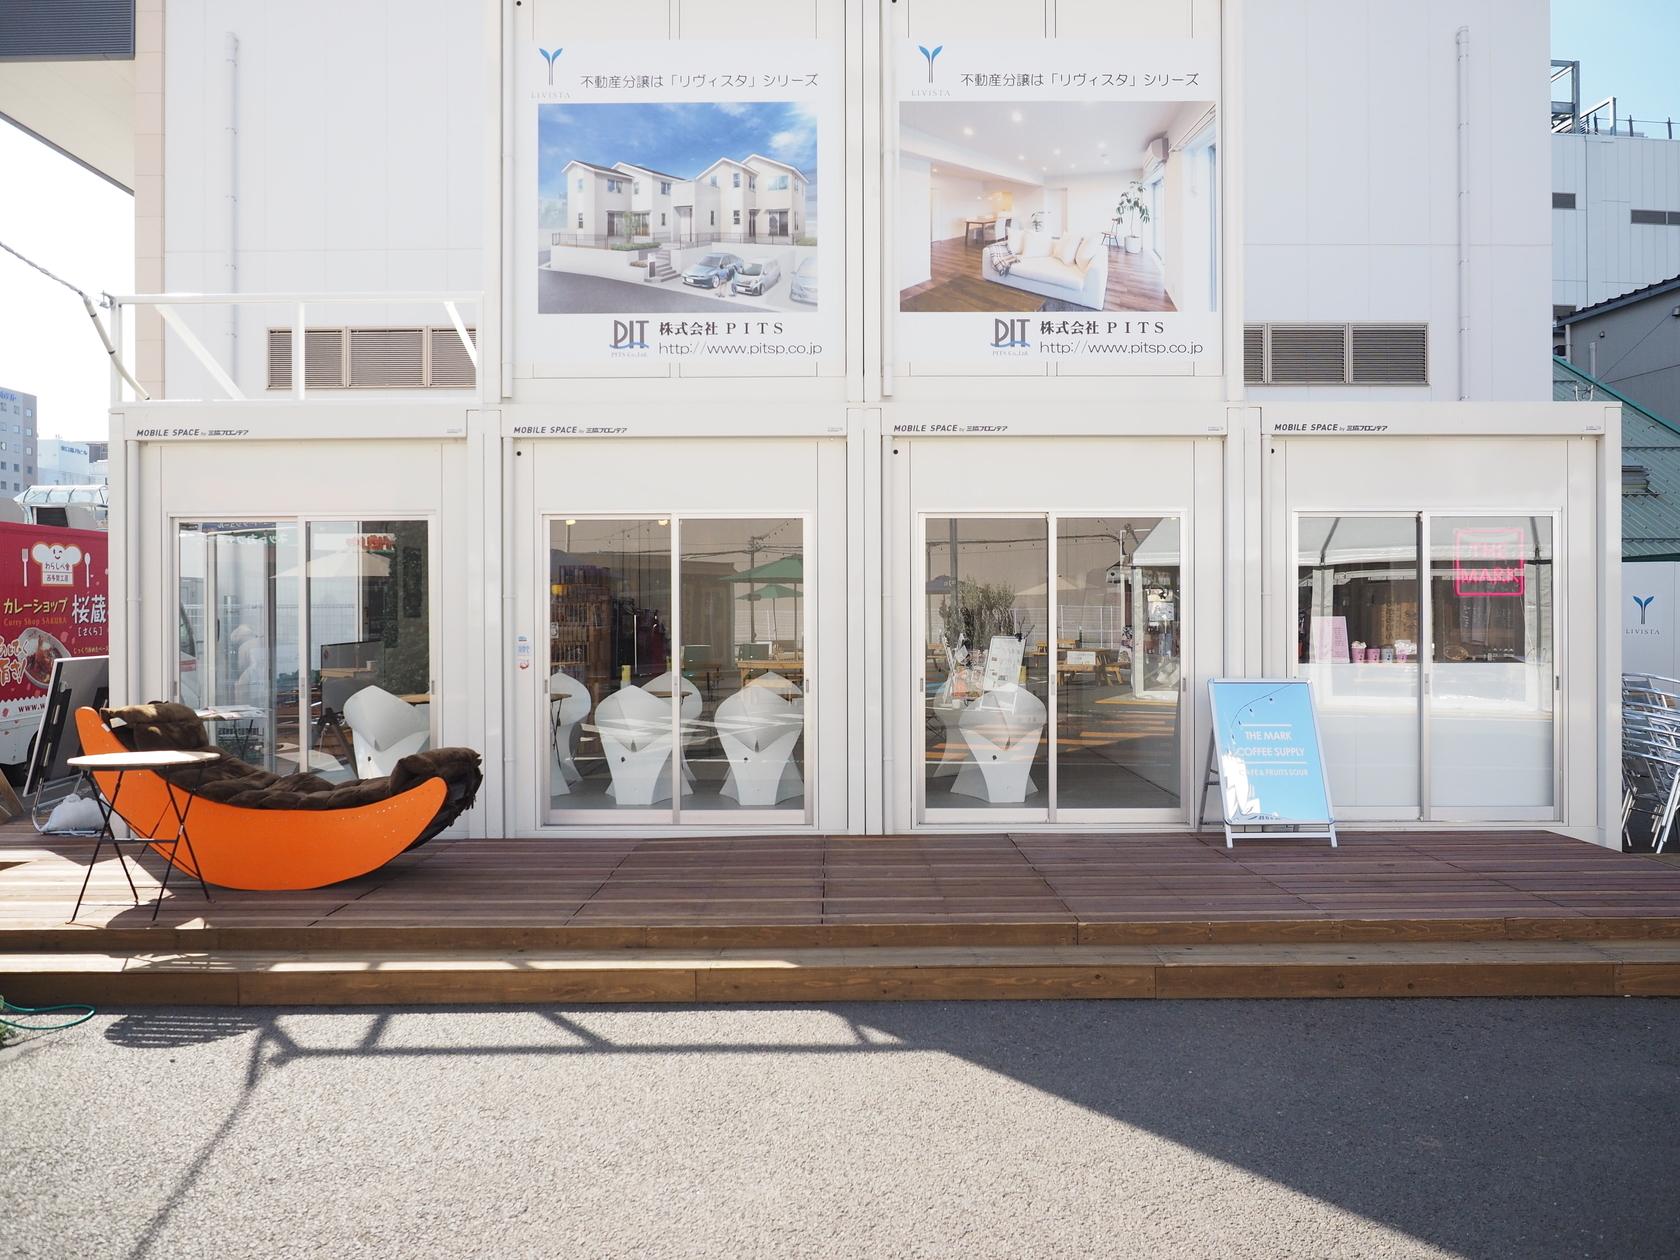 【4月~10月】【EKITUZI】仙台駅徒歩0分 Wi-fi/電源/ウッドデッキつき お洒落な屋内イベントスペース のカバー写真